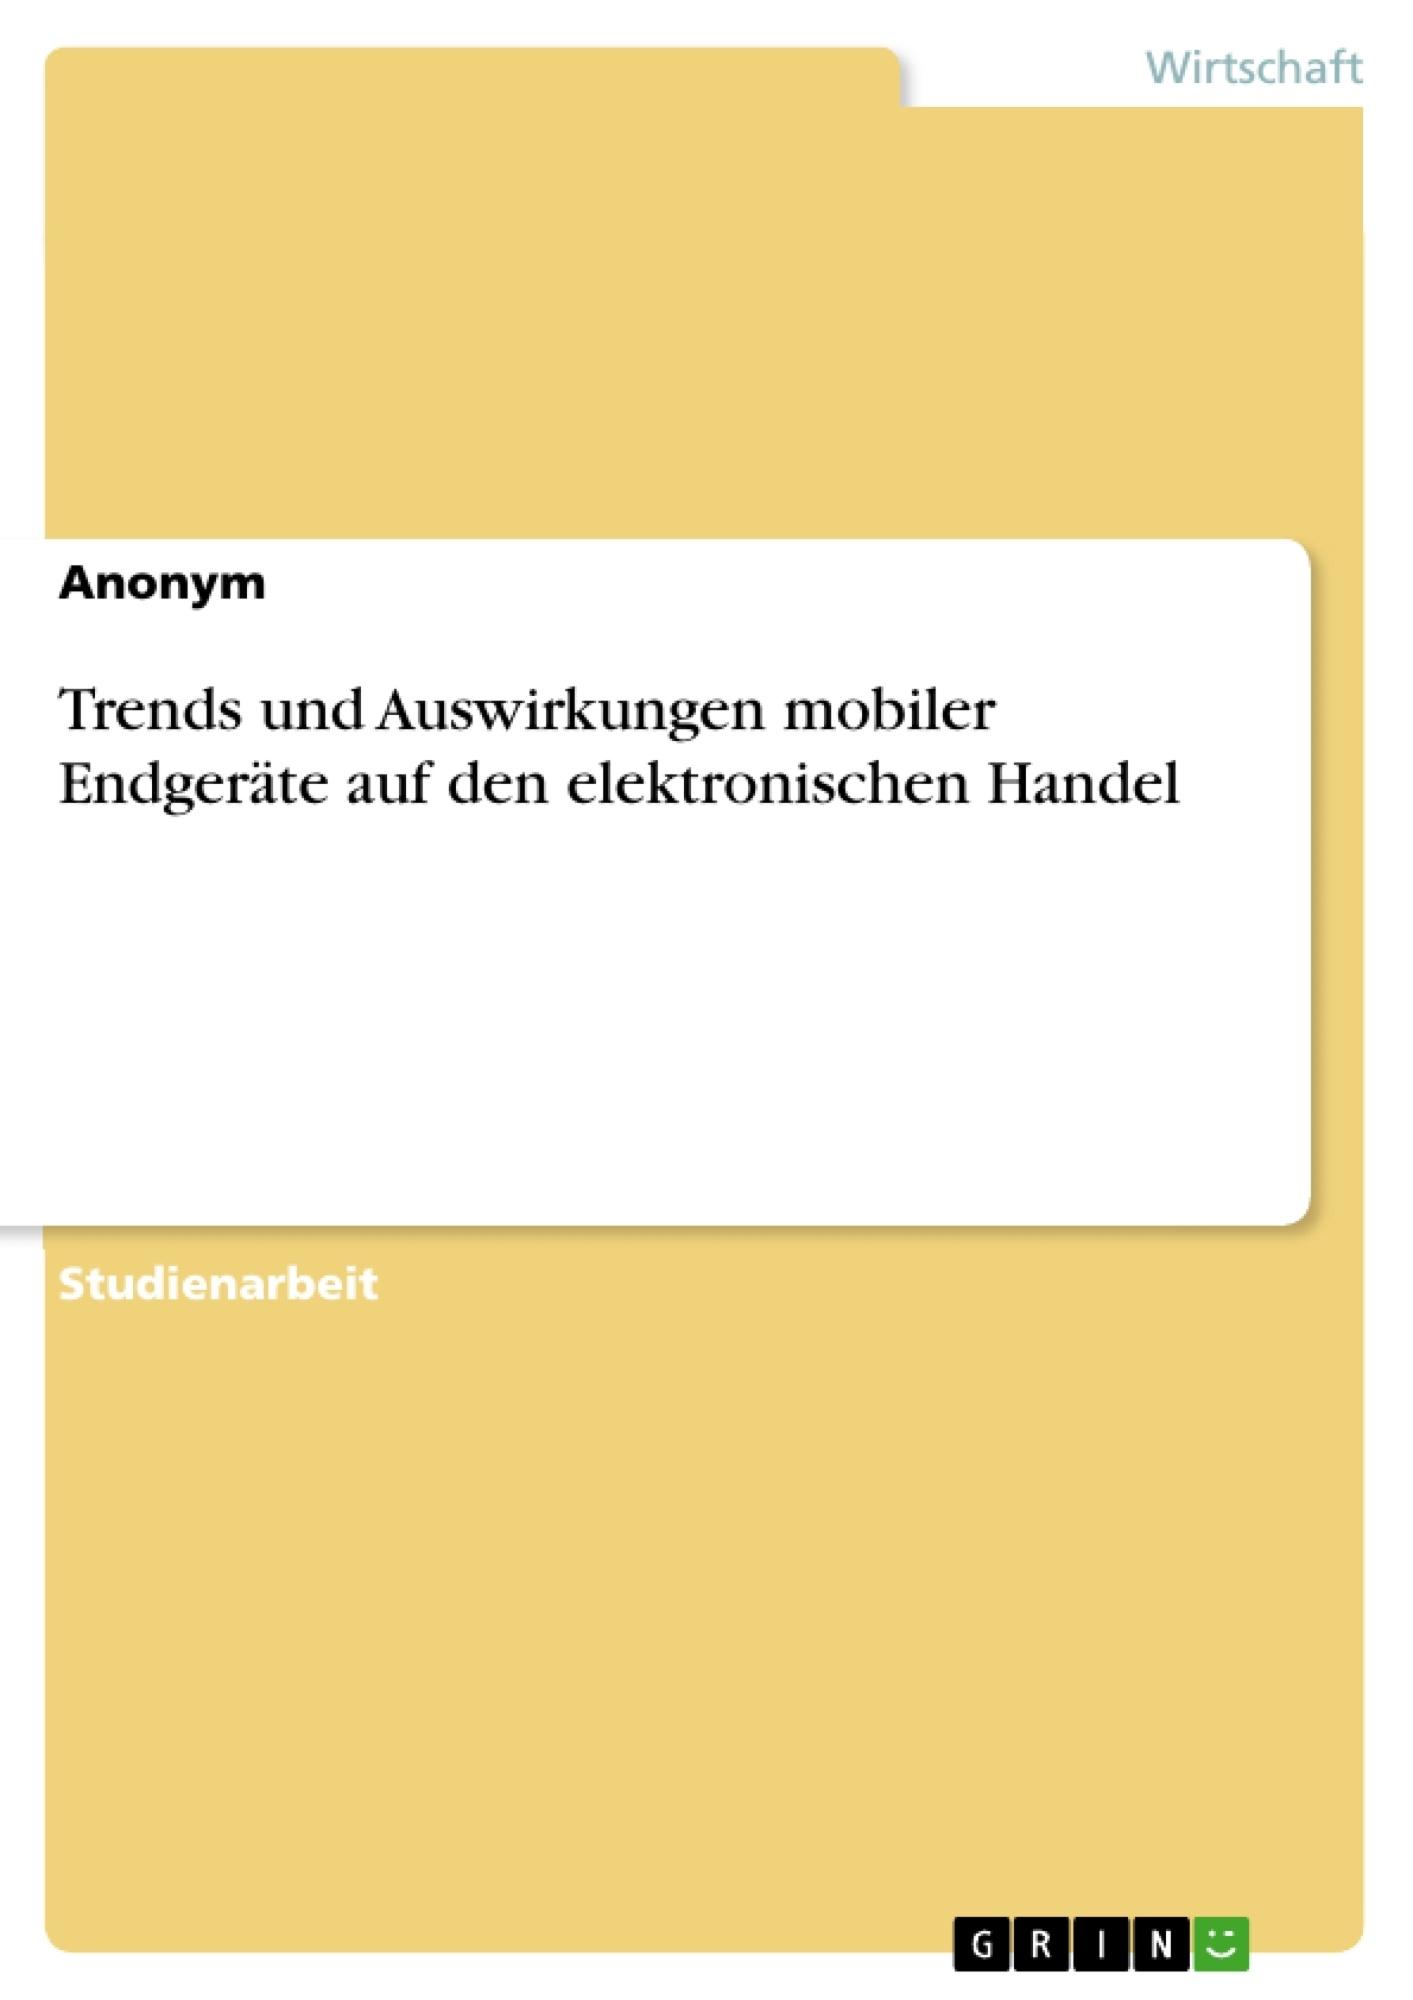 Titel: Trends und Auswirkungen mobiler Endgeräte auf den elektronischen Handel